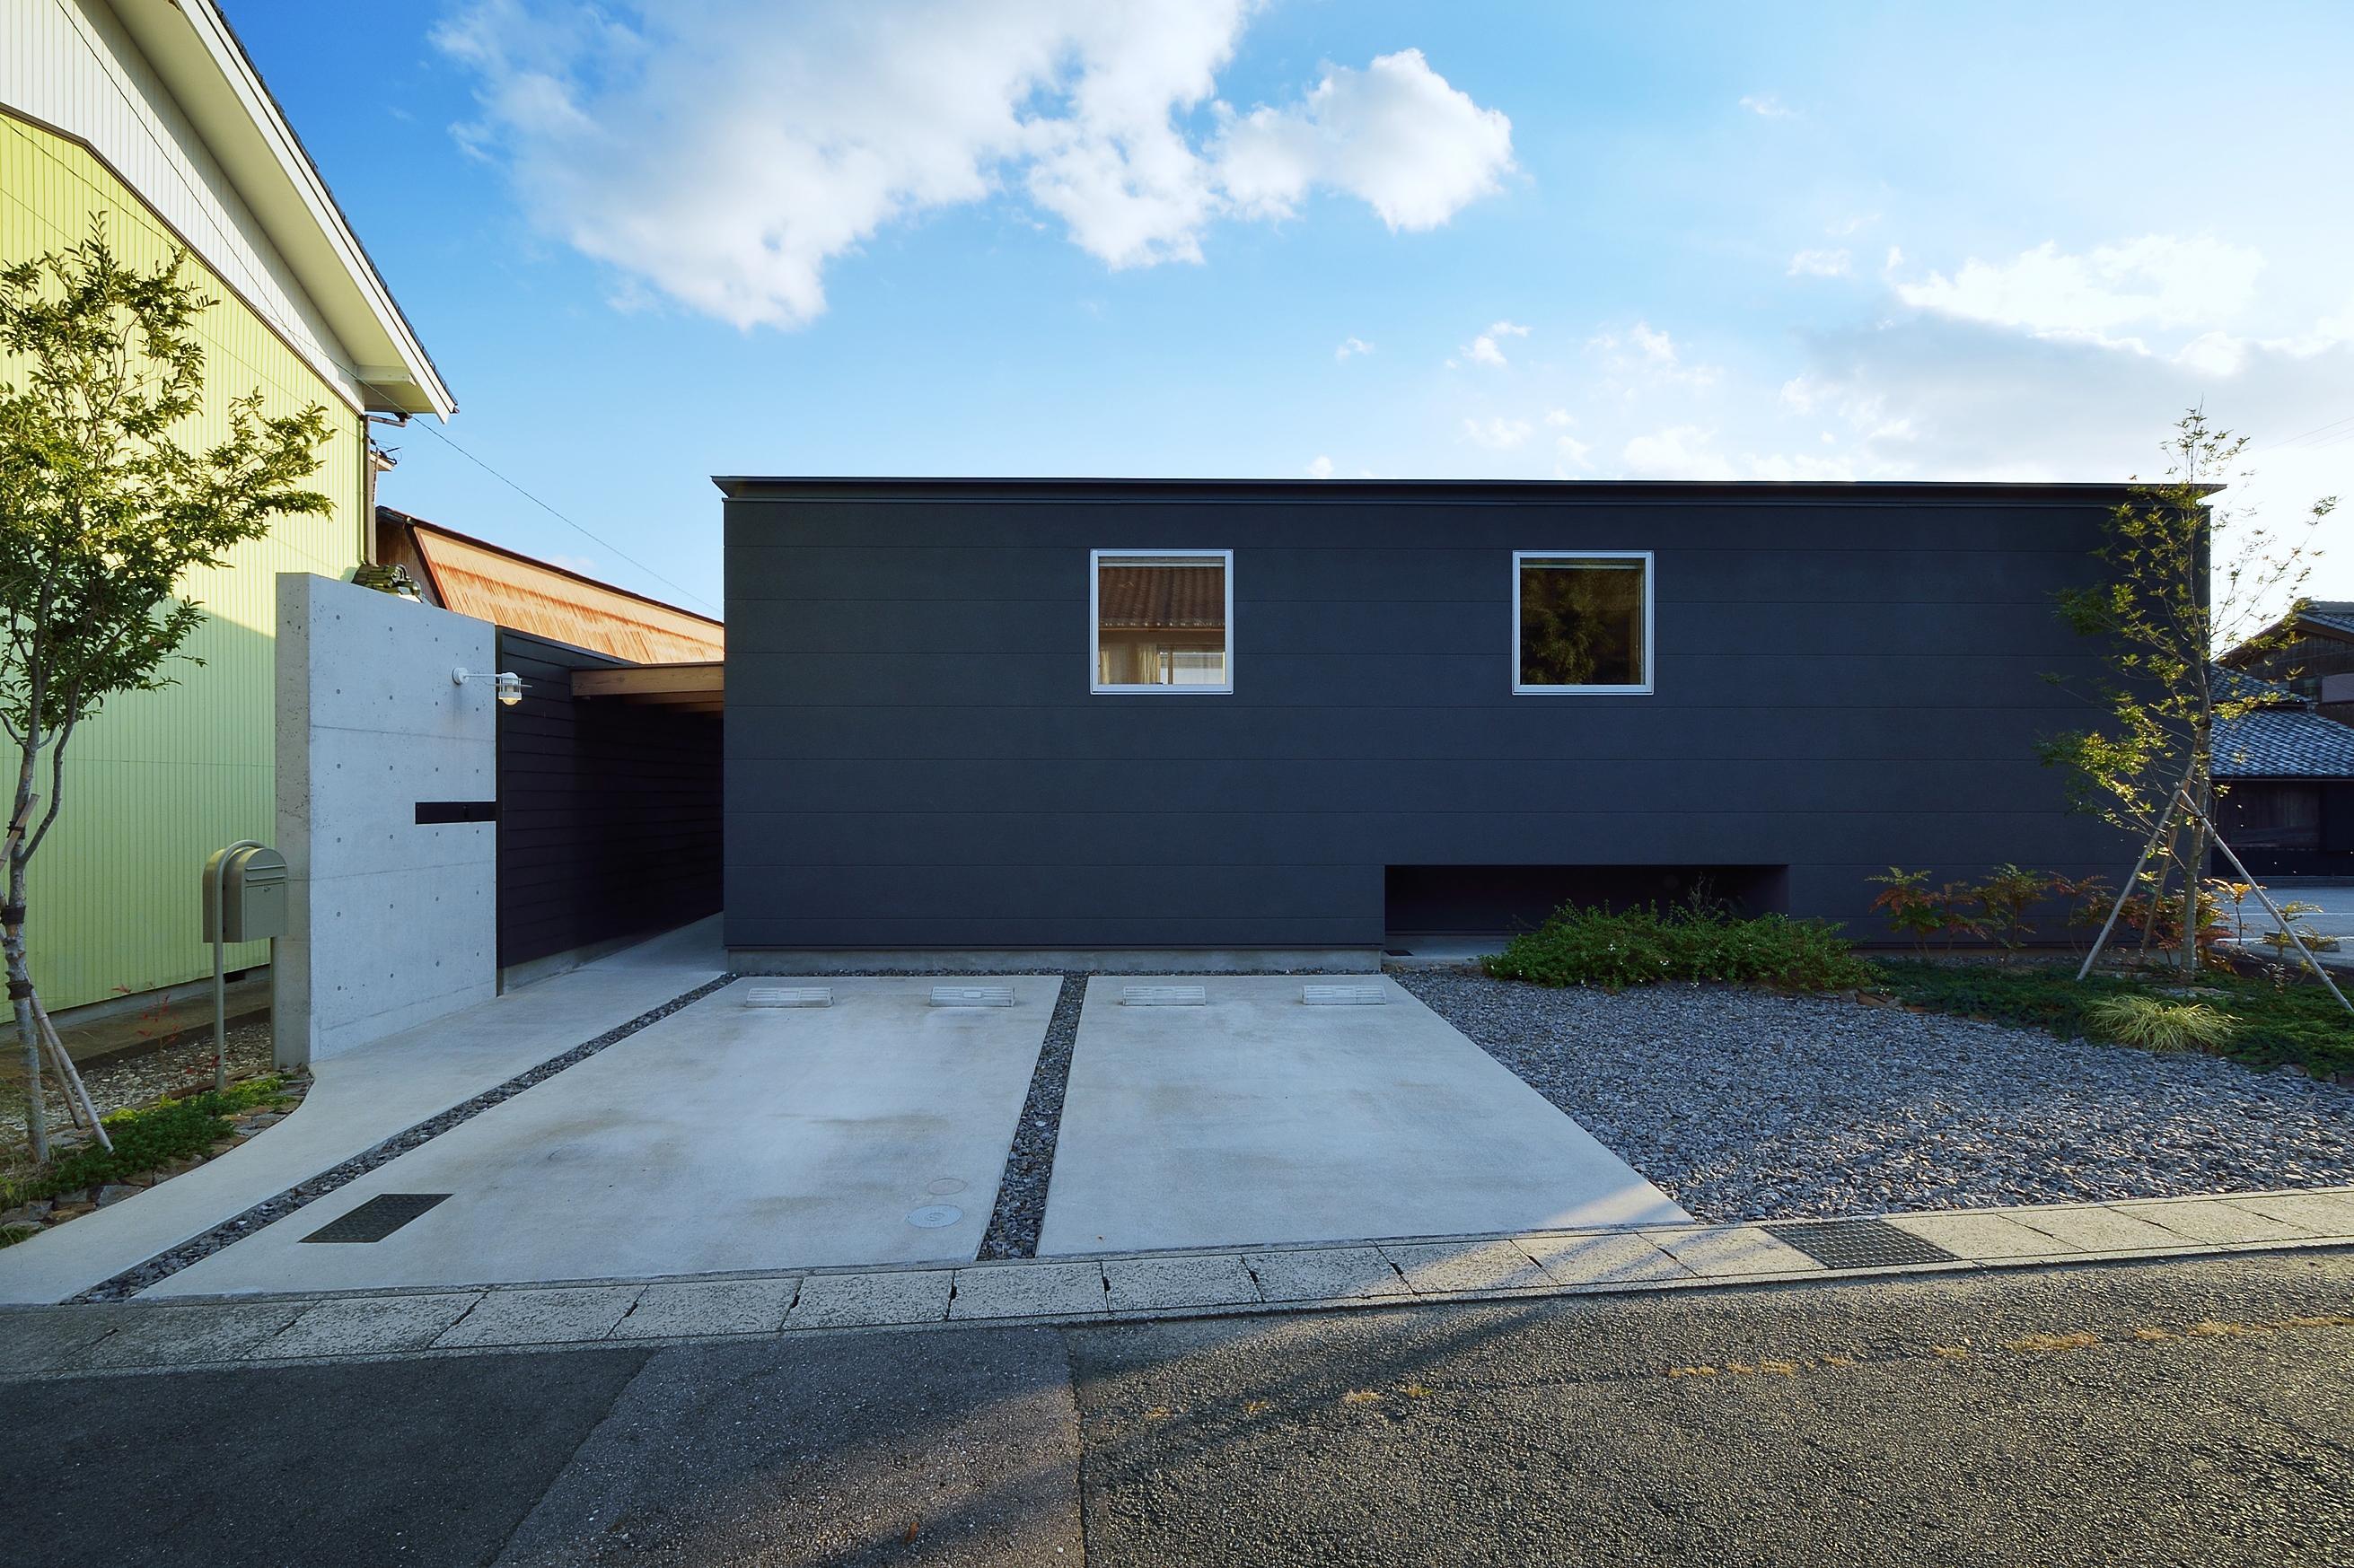 『蒲郡・西浦の家』時間がゆったり流れる寛ぎの平屋住宅の部屋 モダンな外観